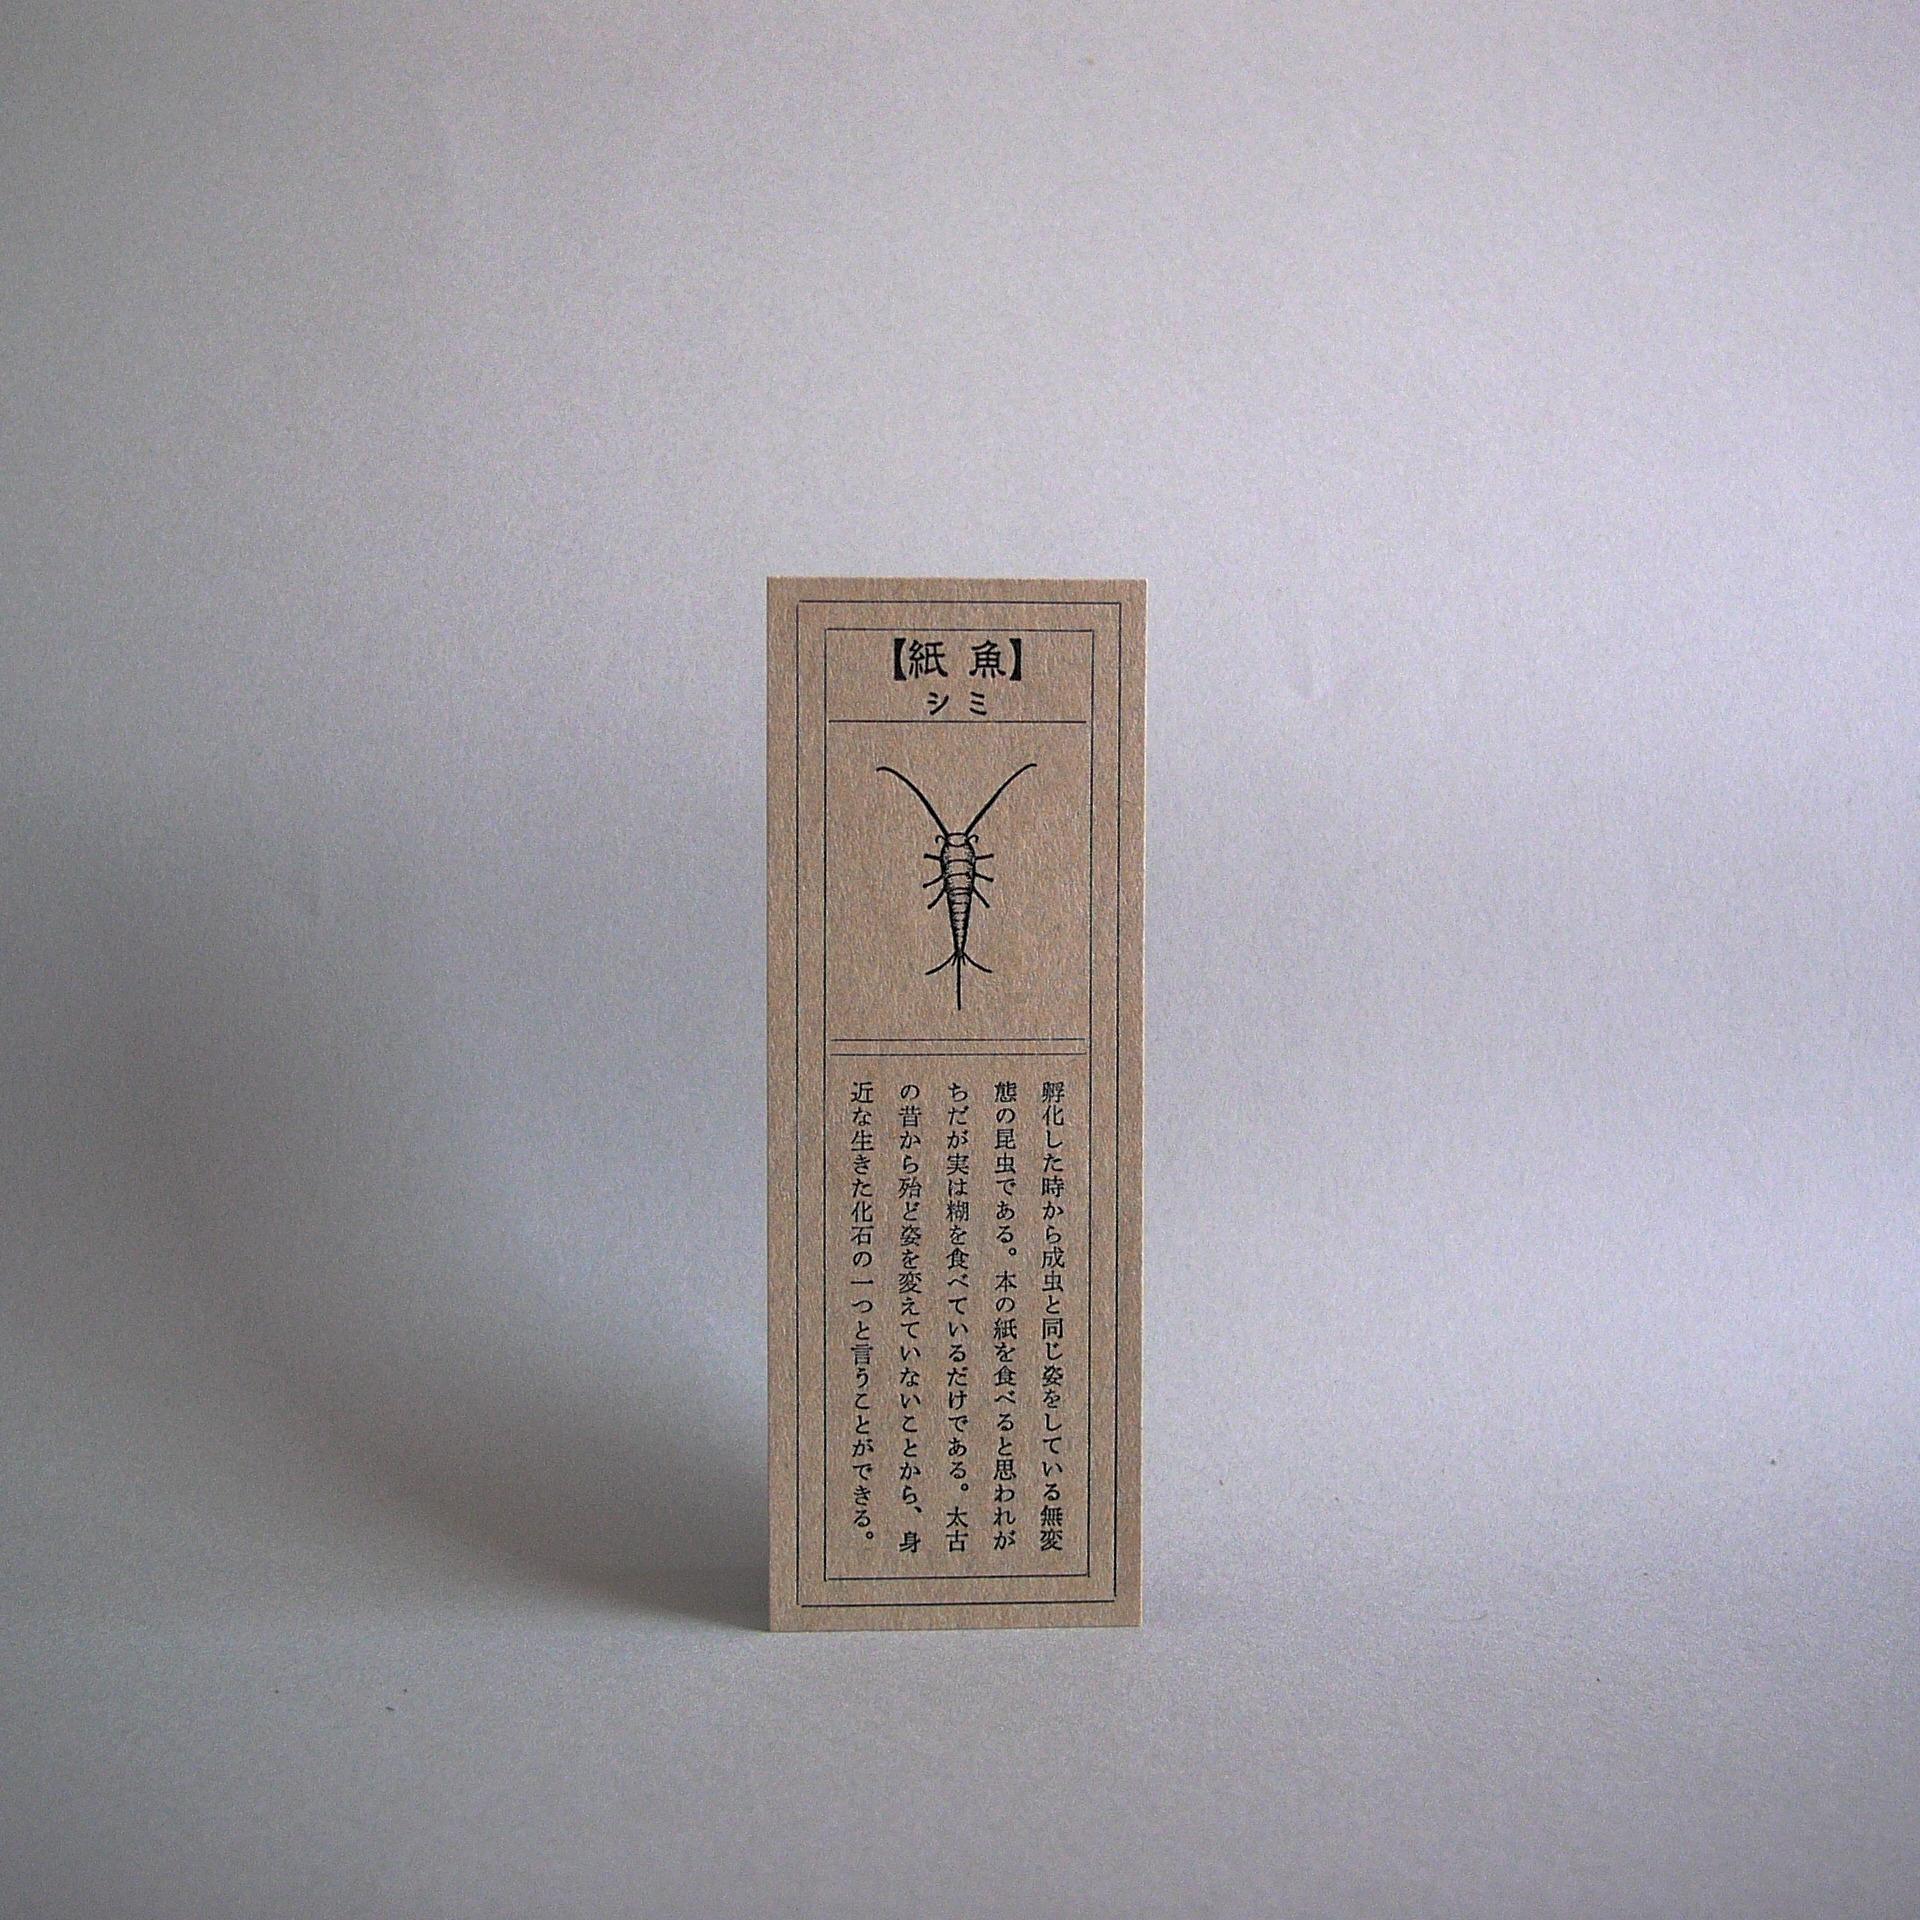 紙魚栞(しみしおり)